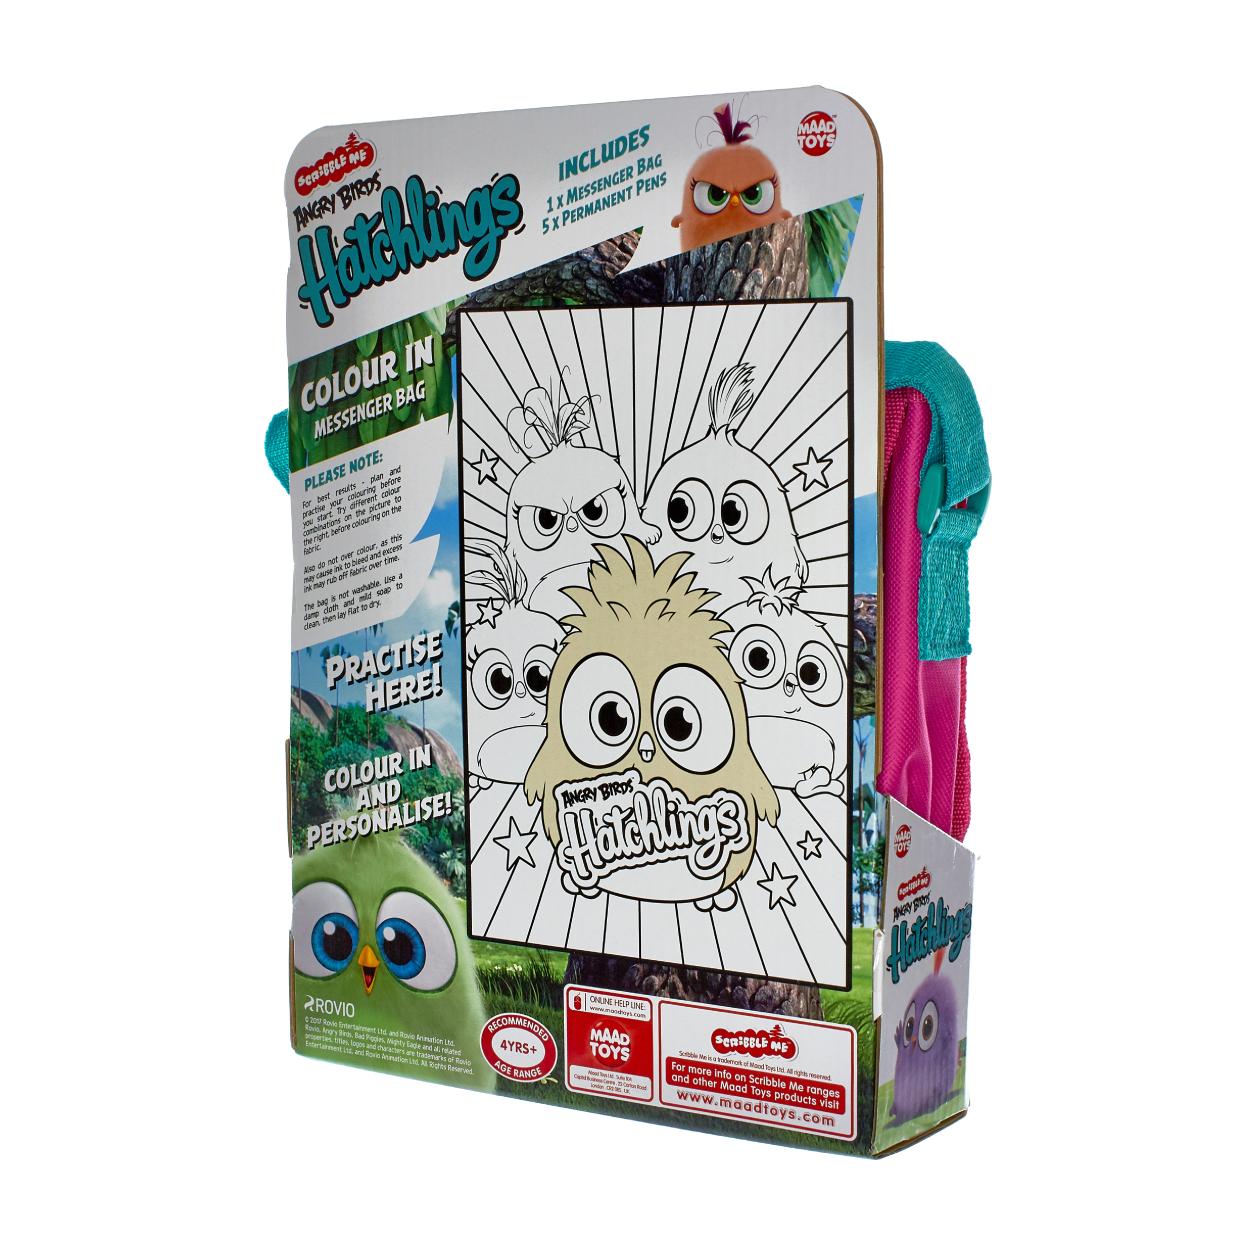 Hatchlings Messenger Bag